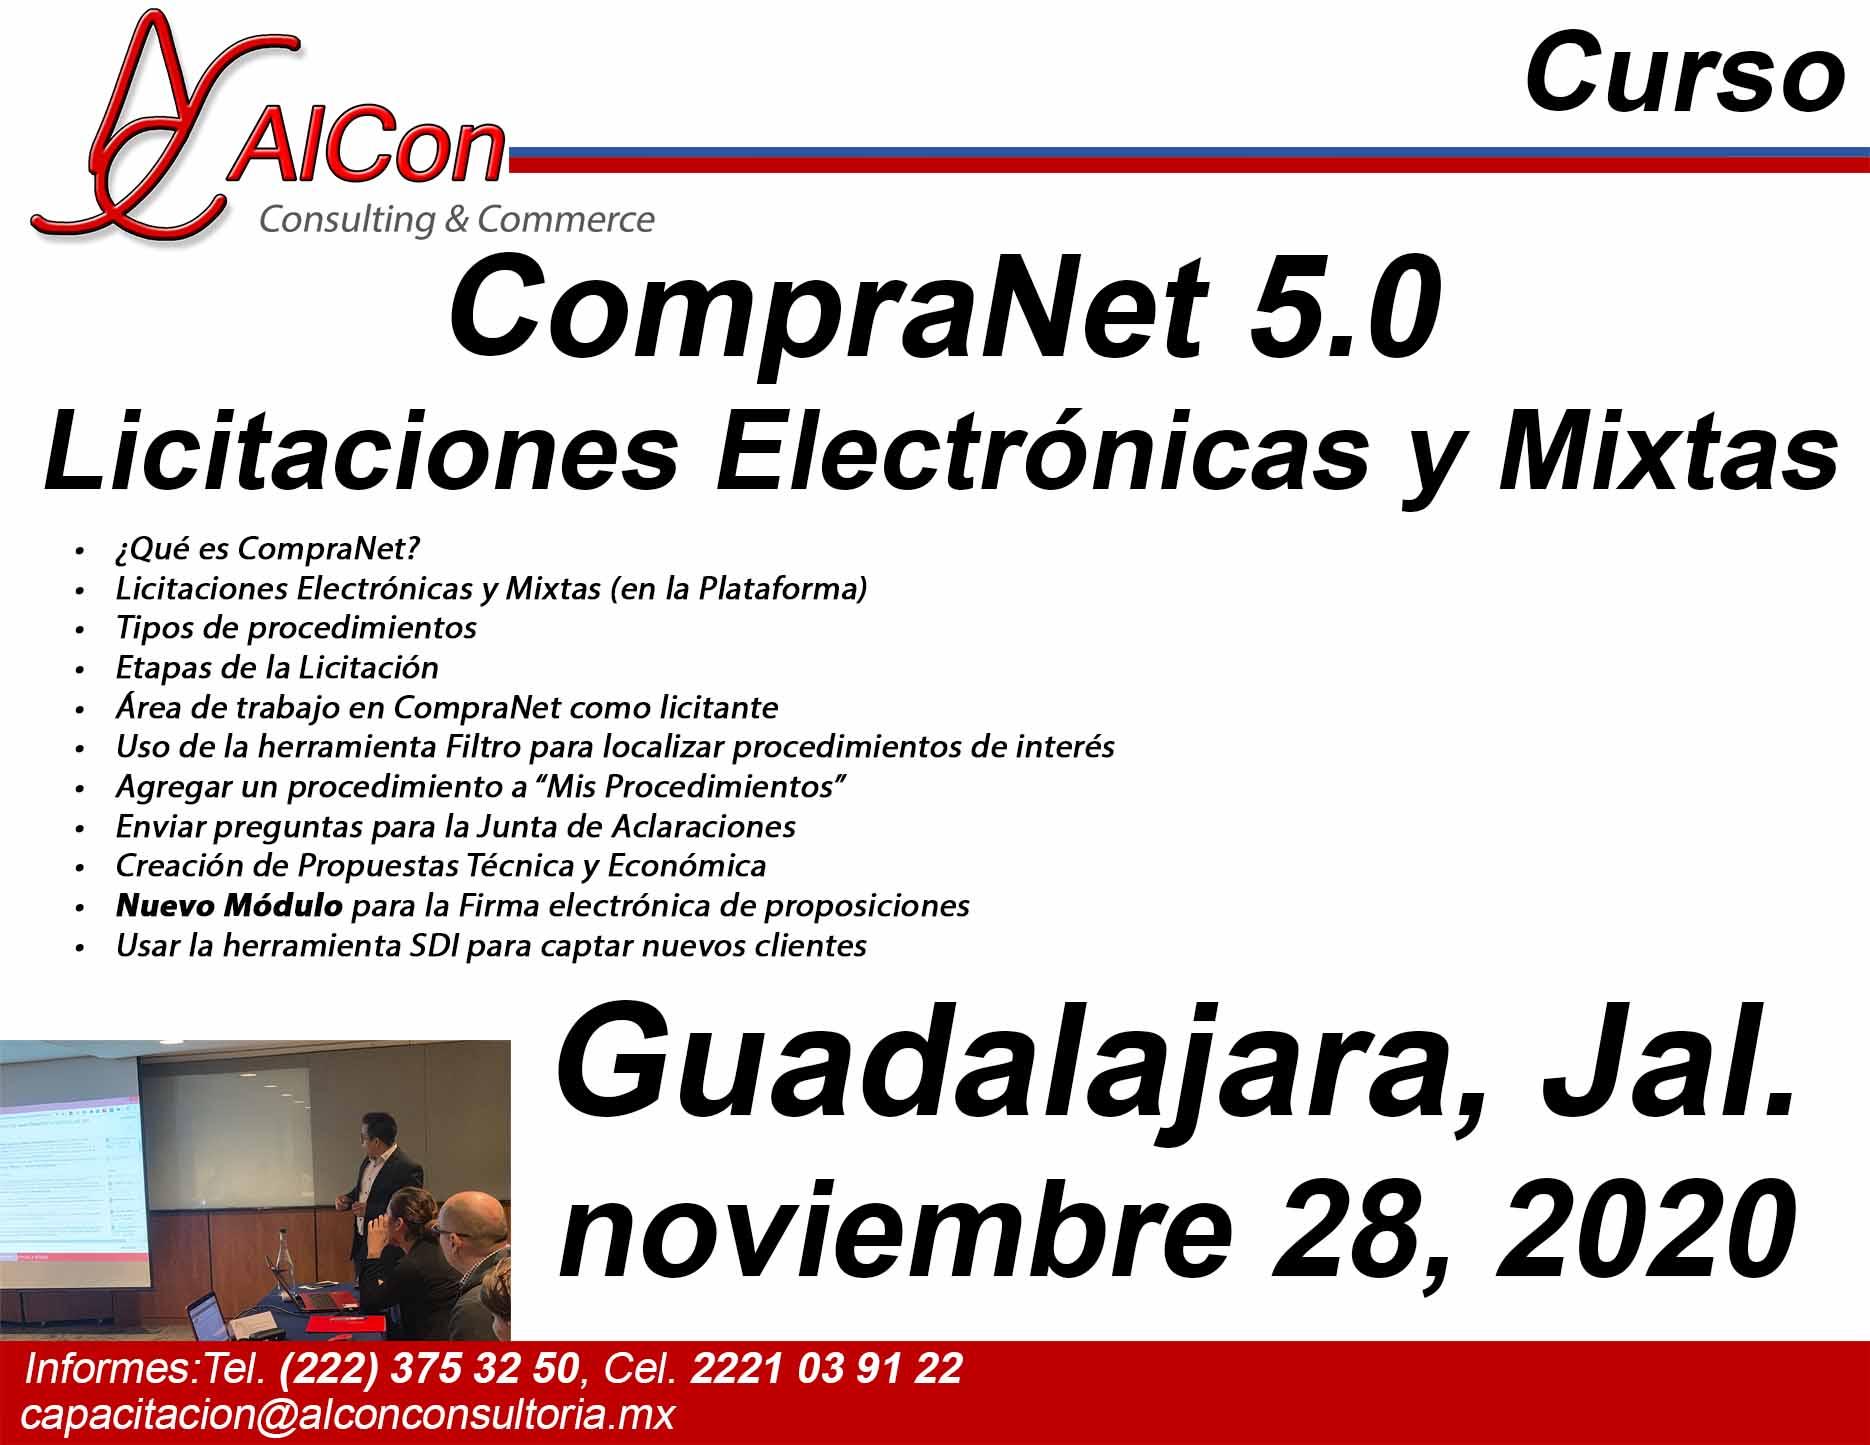 Curso de CompraNet 5.0, Guadalajara, Jalisco, AlCon Consultoría y Cómputo, AlCon Consulting And Commerce, Arcadio Alonso Sánchez